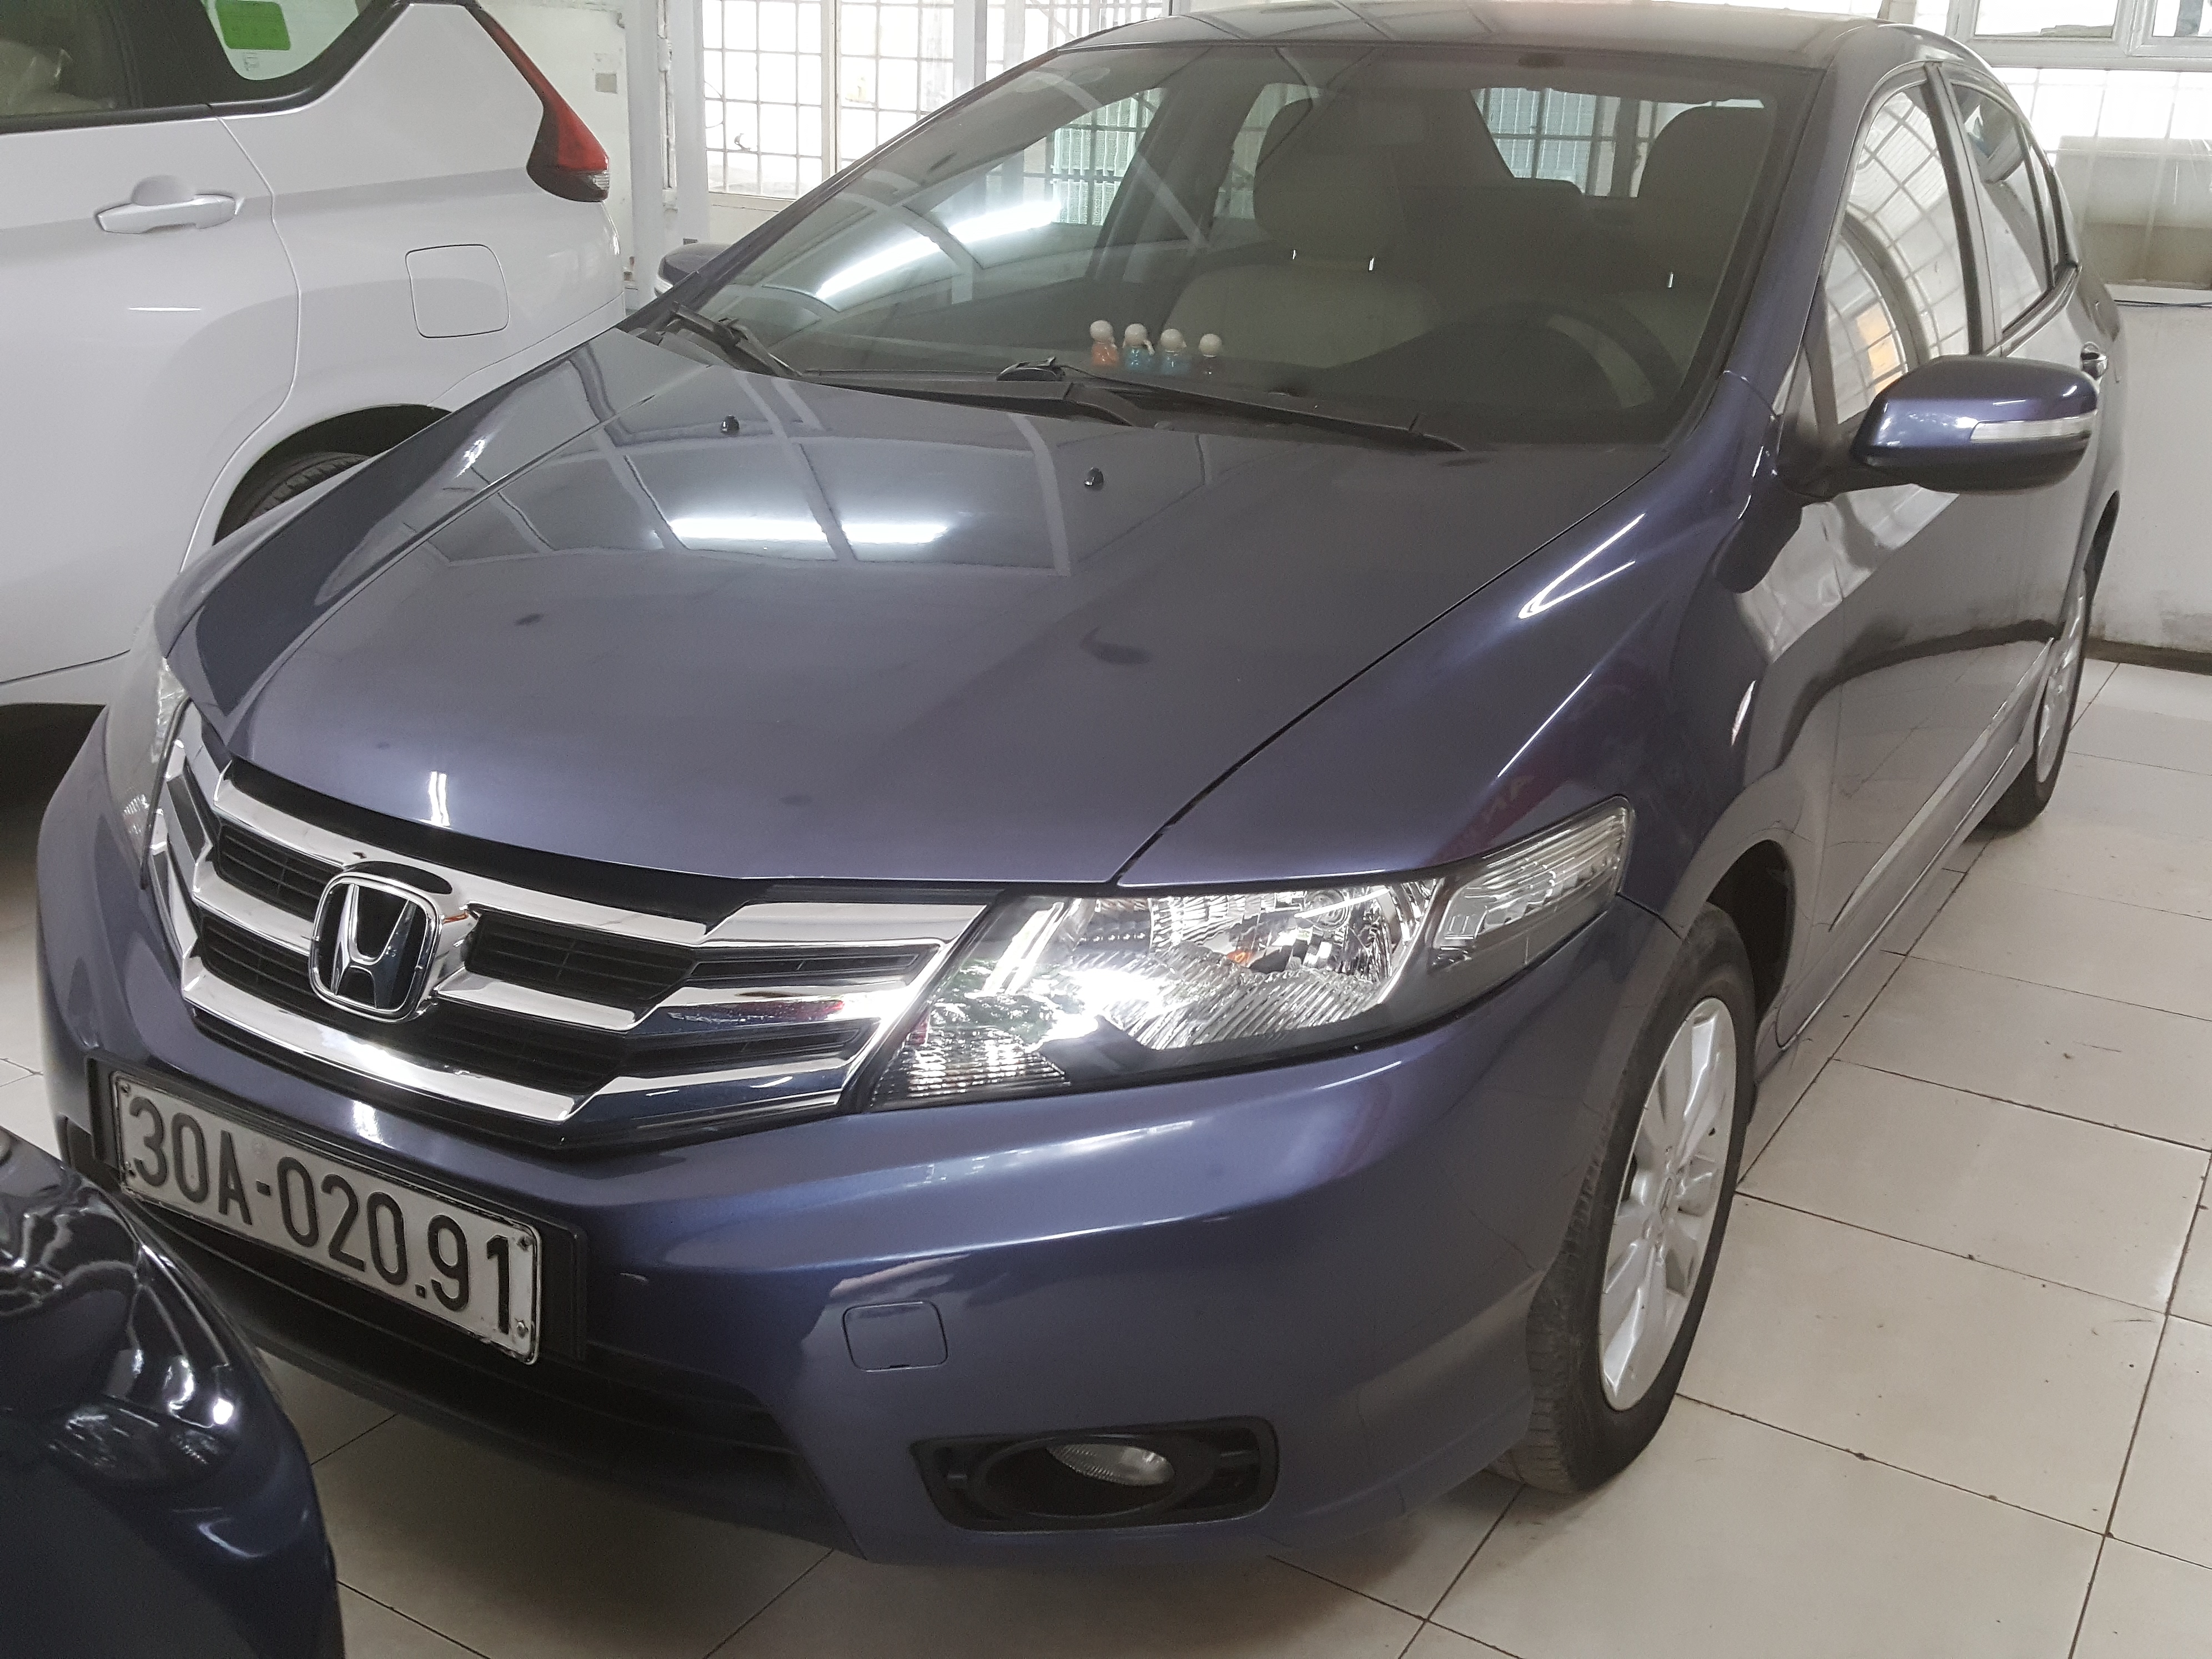 Bán Honda City 1.5AT 2013, xe chính chủ từ đầu tên tư nhân Hà Nội